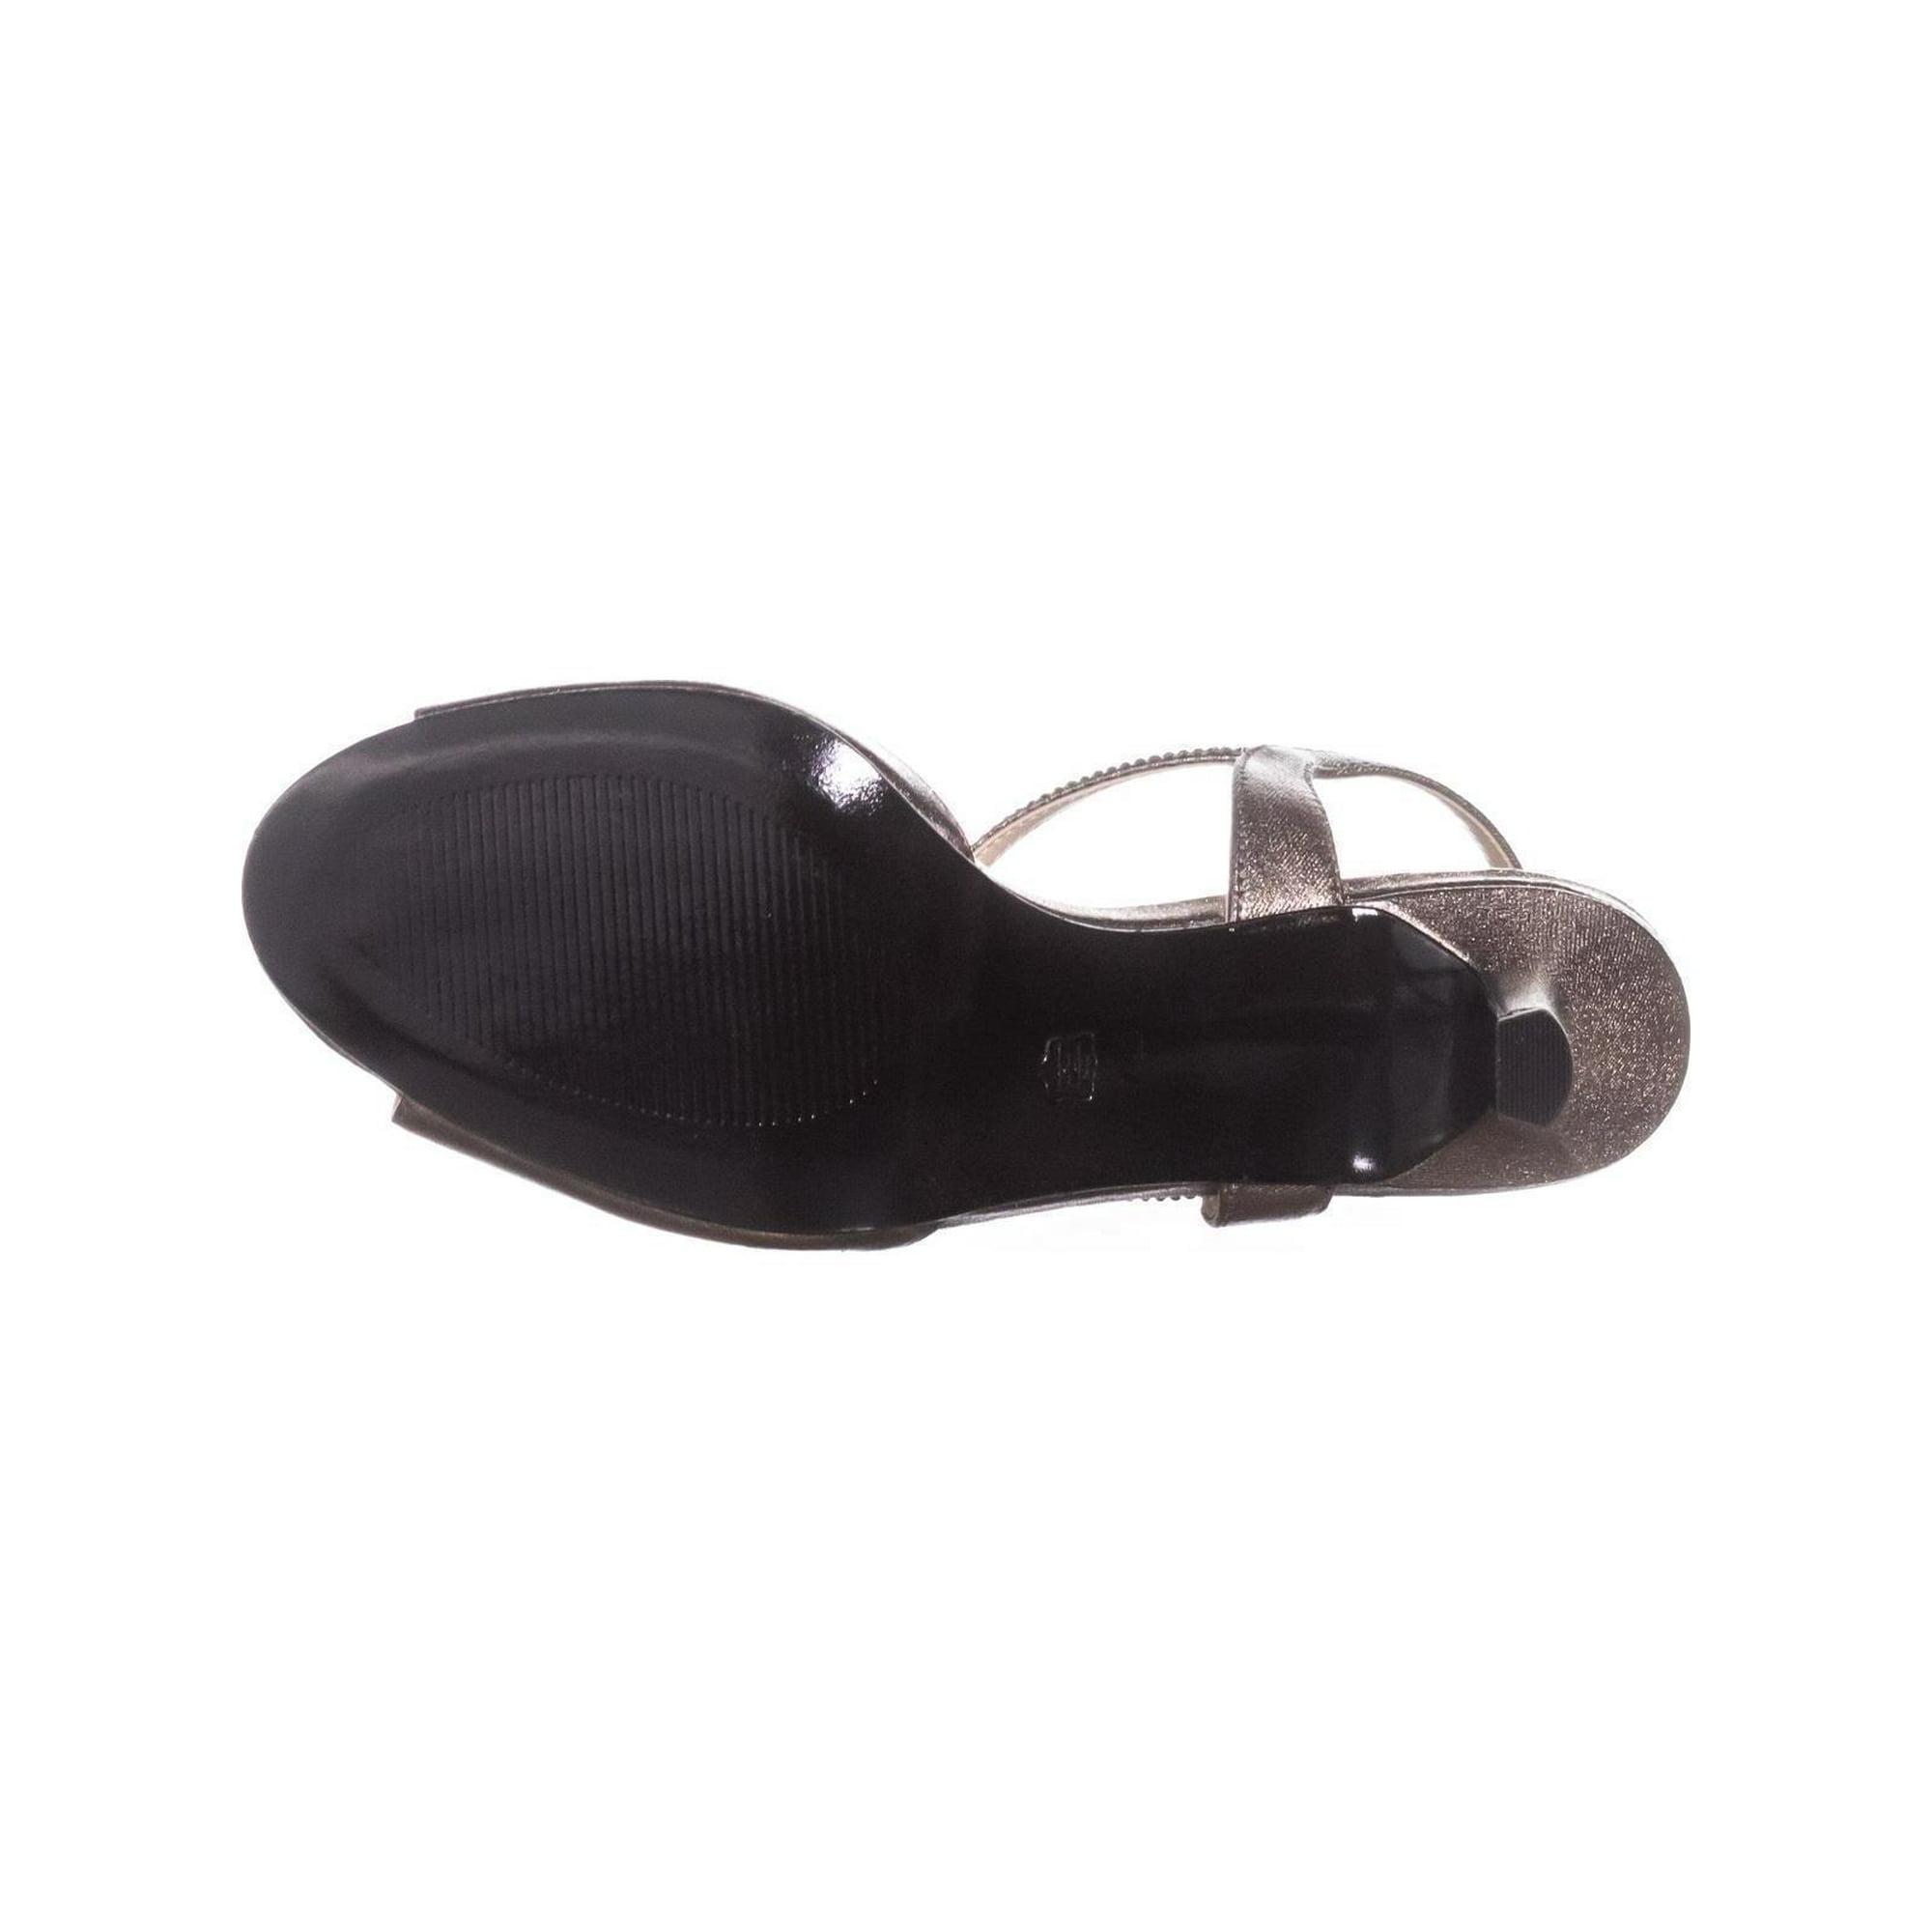 6ac38917816 Caparros Delicia Sparkle T-Strap Peep Toe Dress Sandals